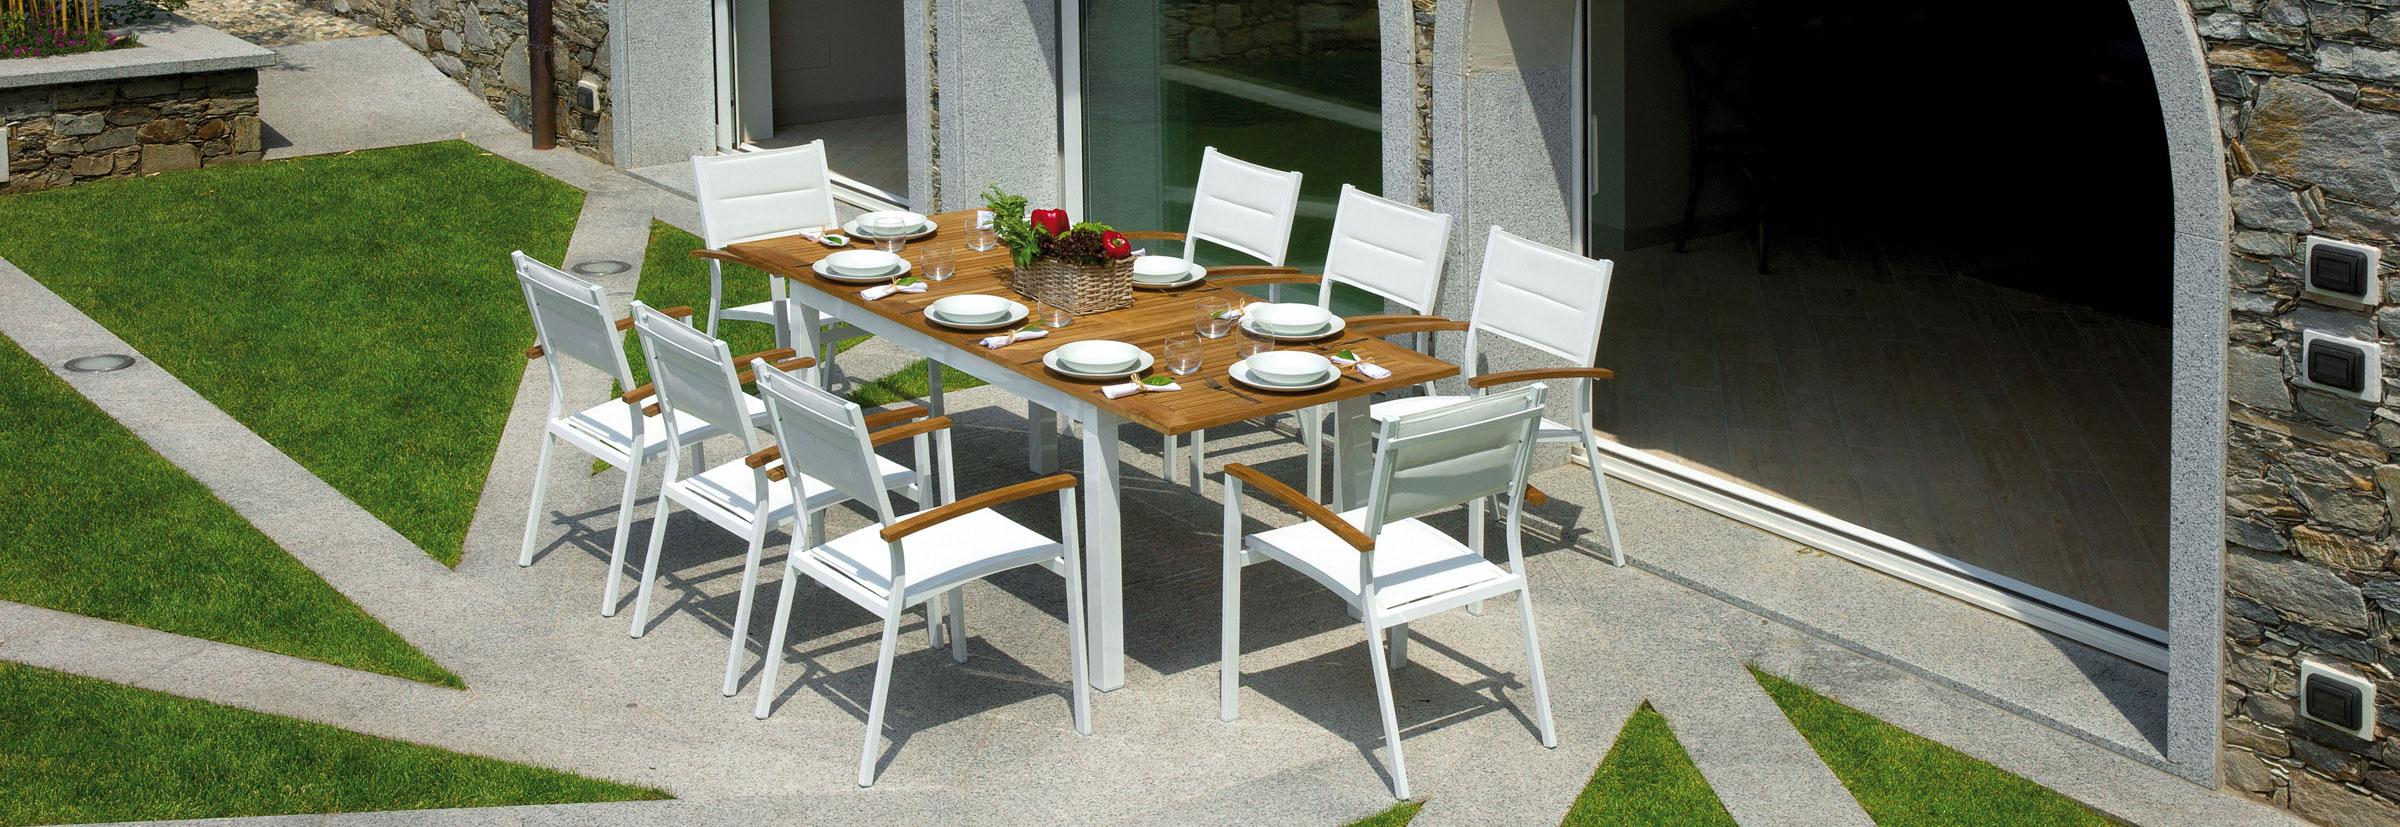 mobili da giardino roma stilisti di spazi aperti tavoli